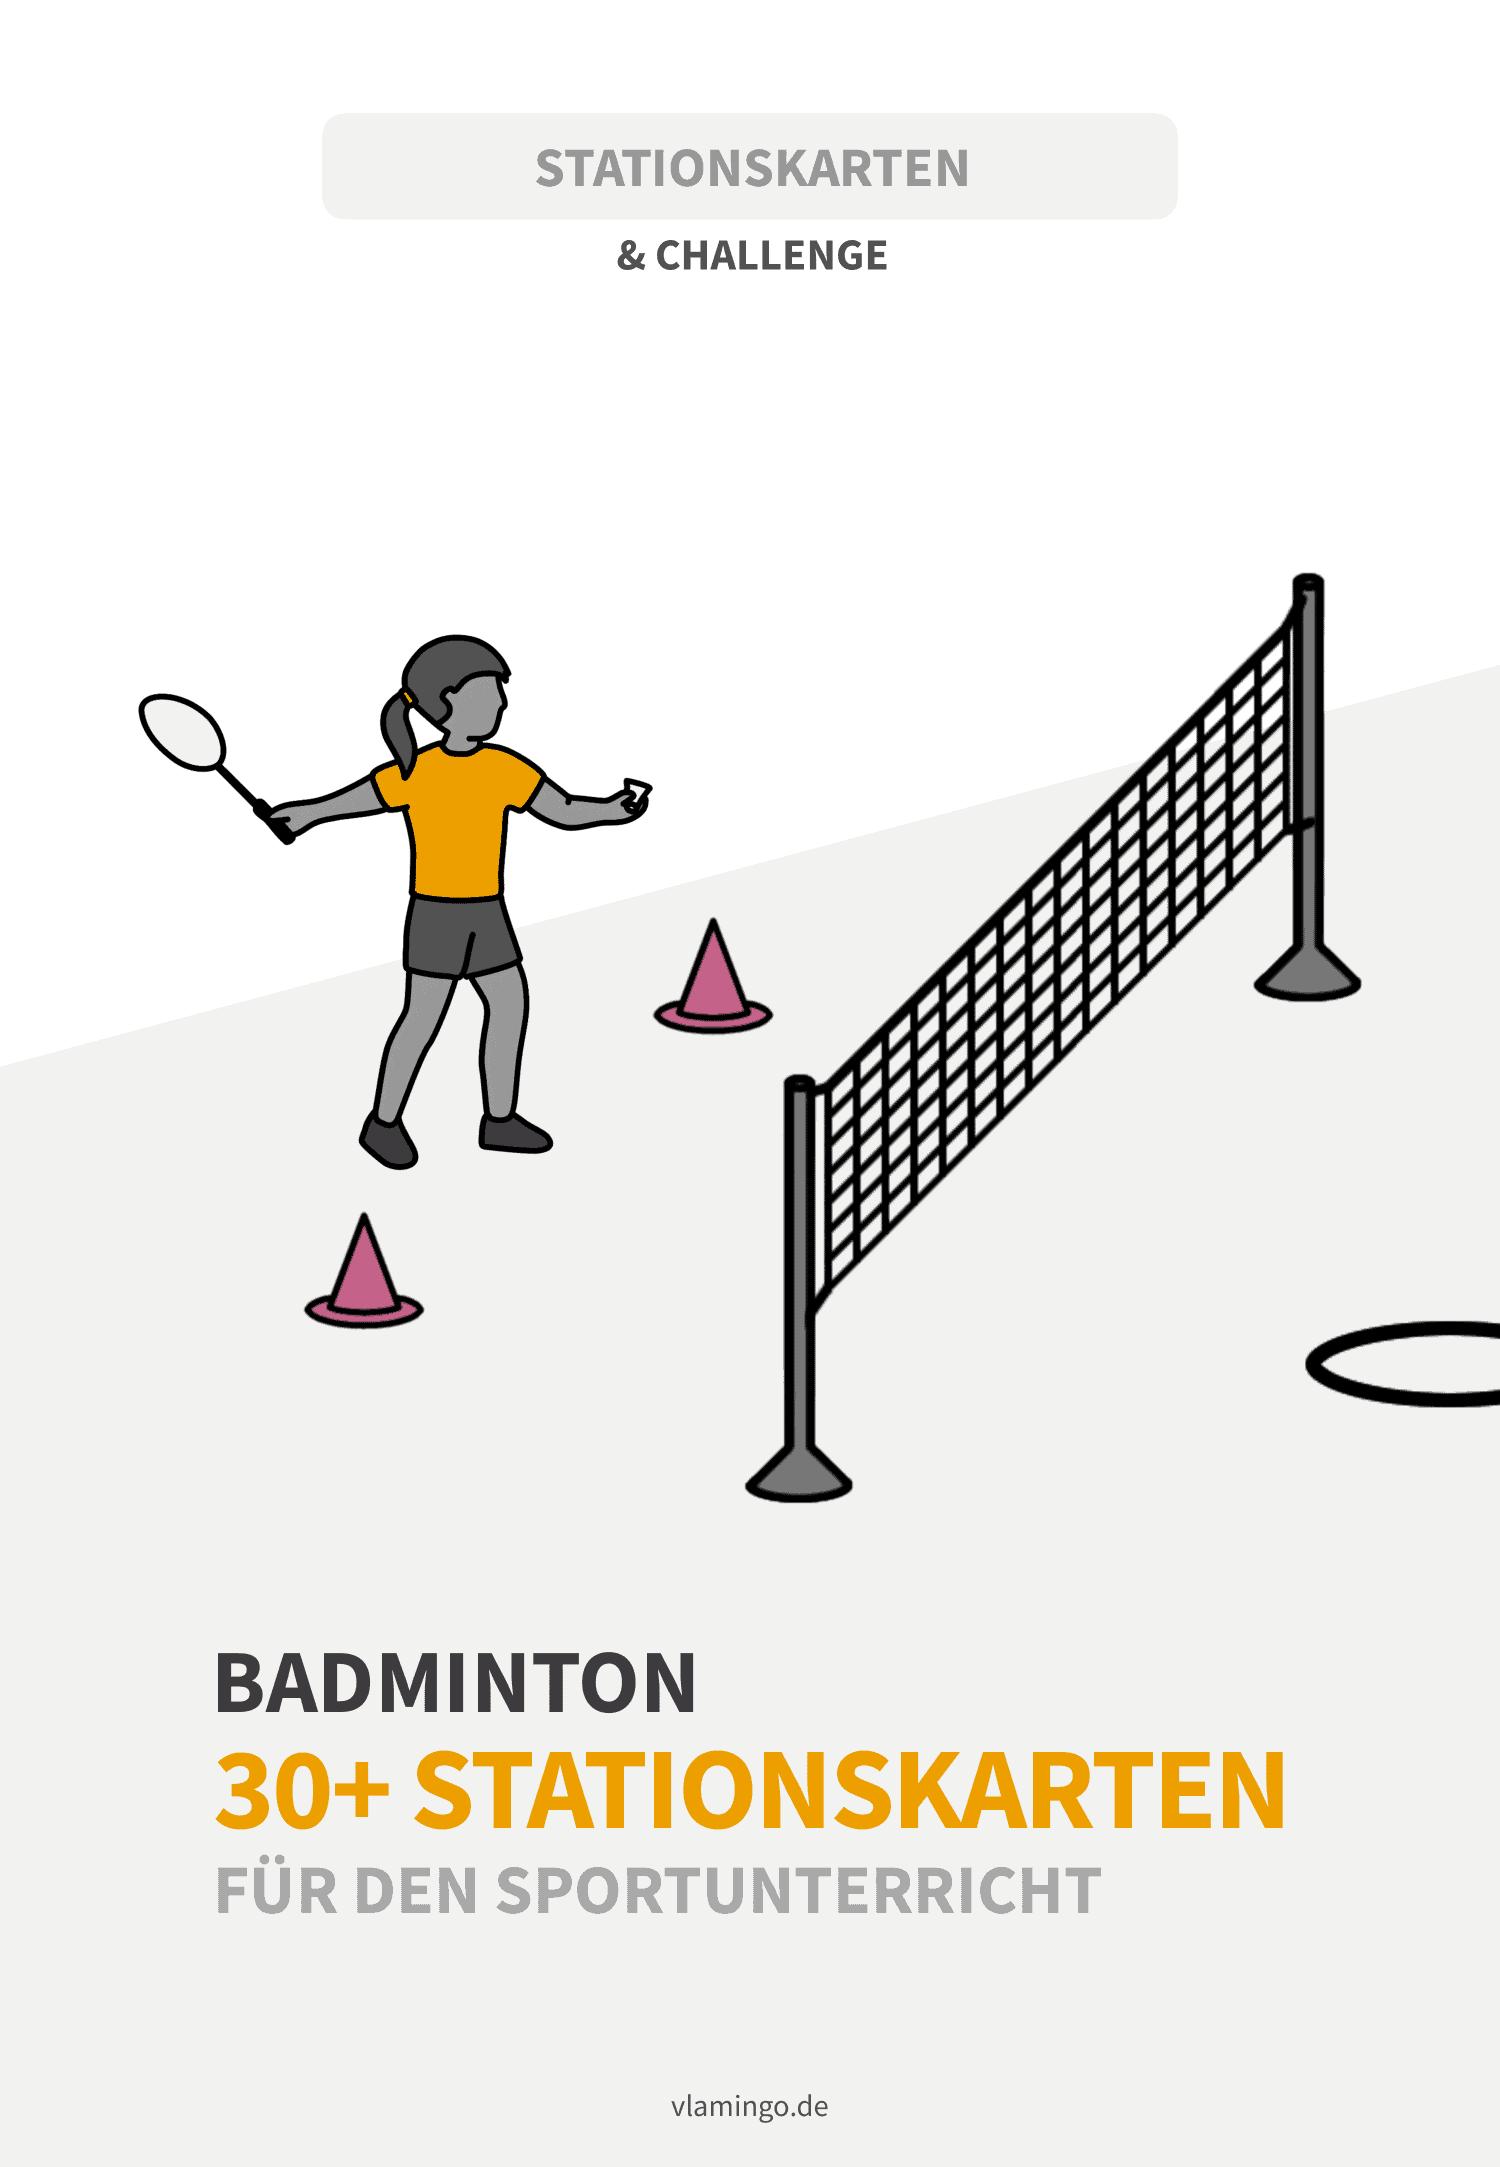 Badminton - 30+ Stationskarten